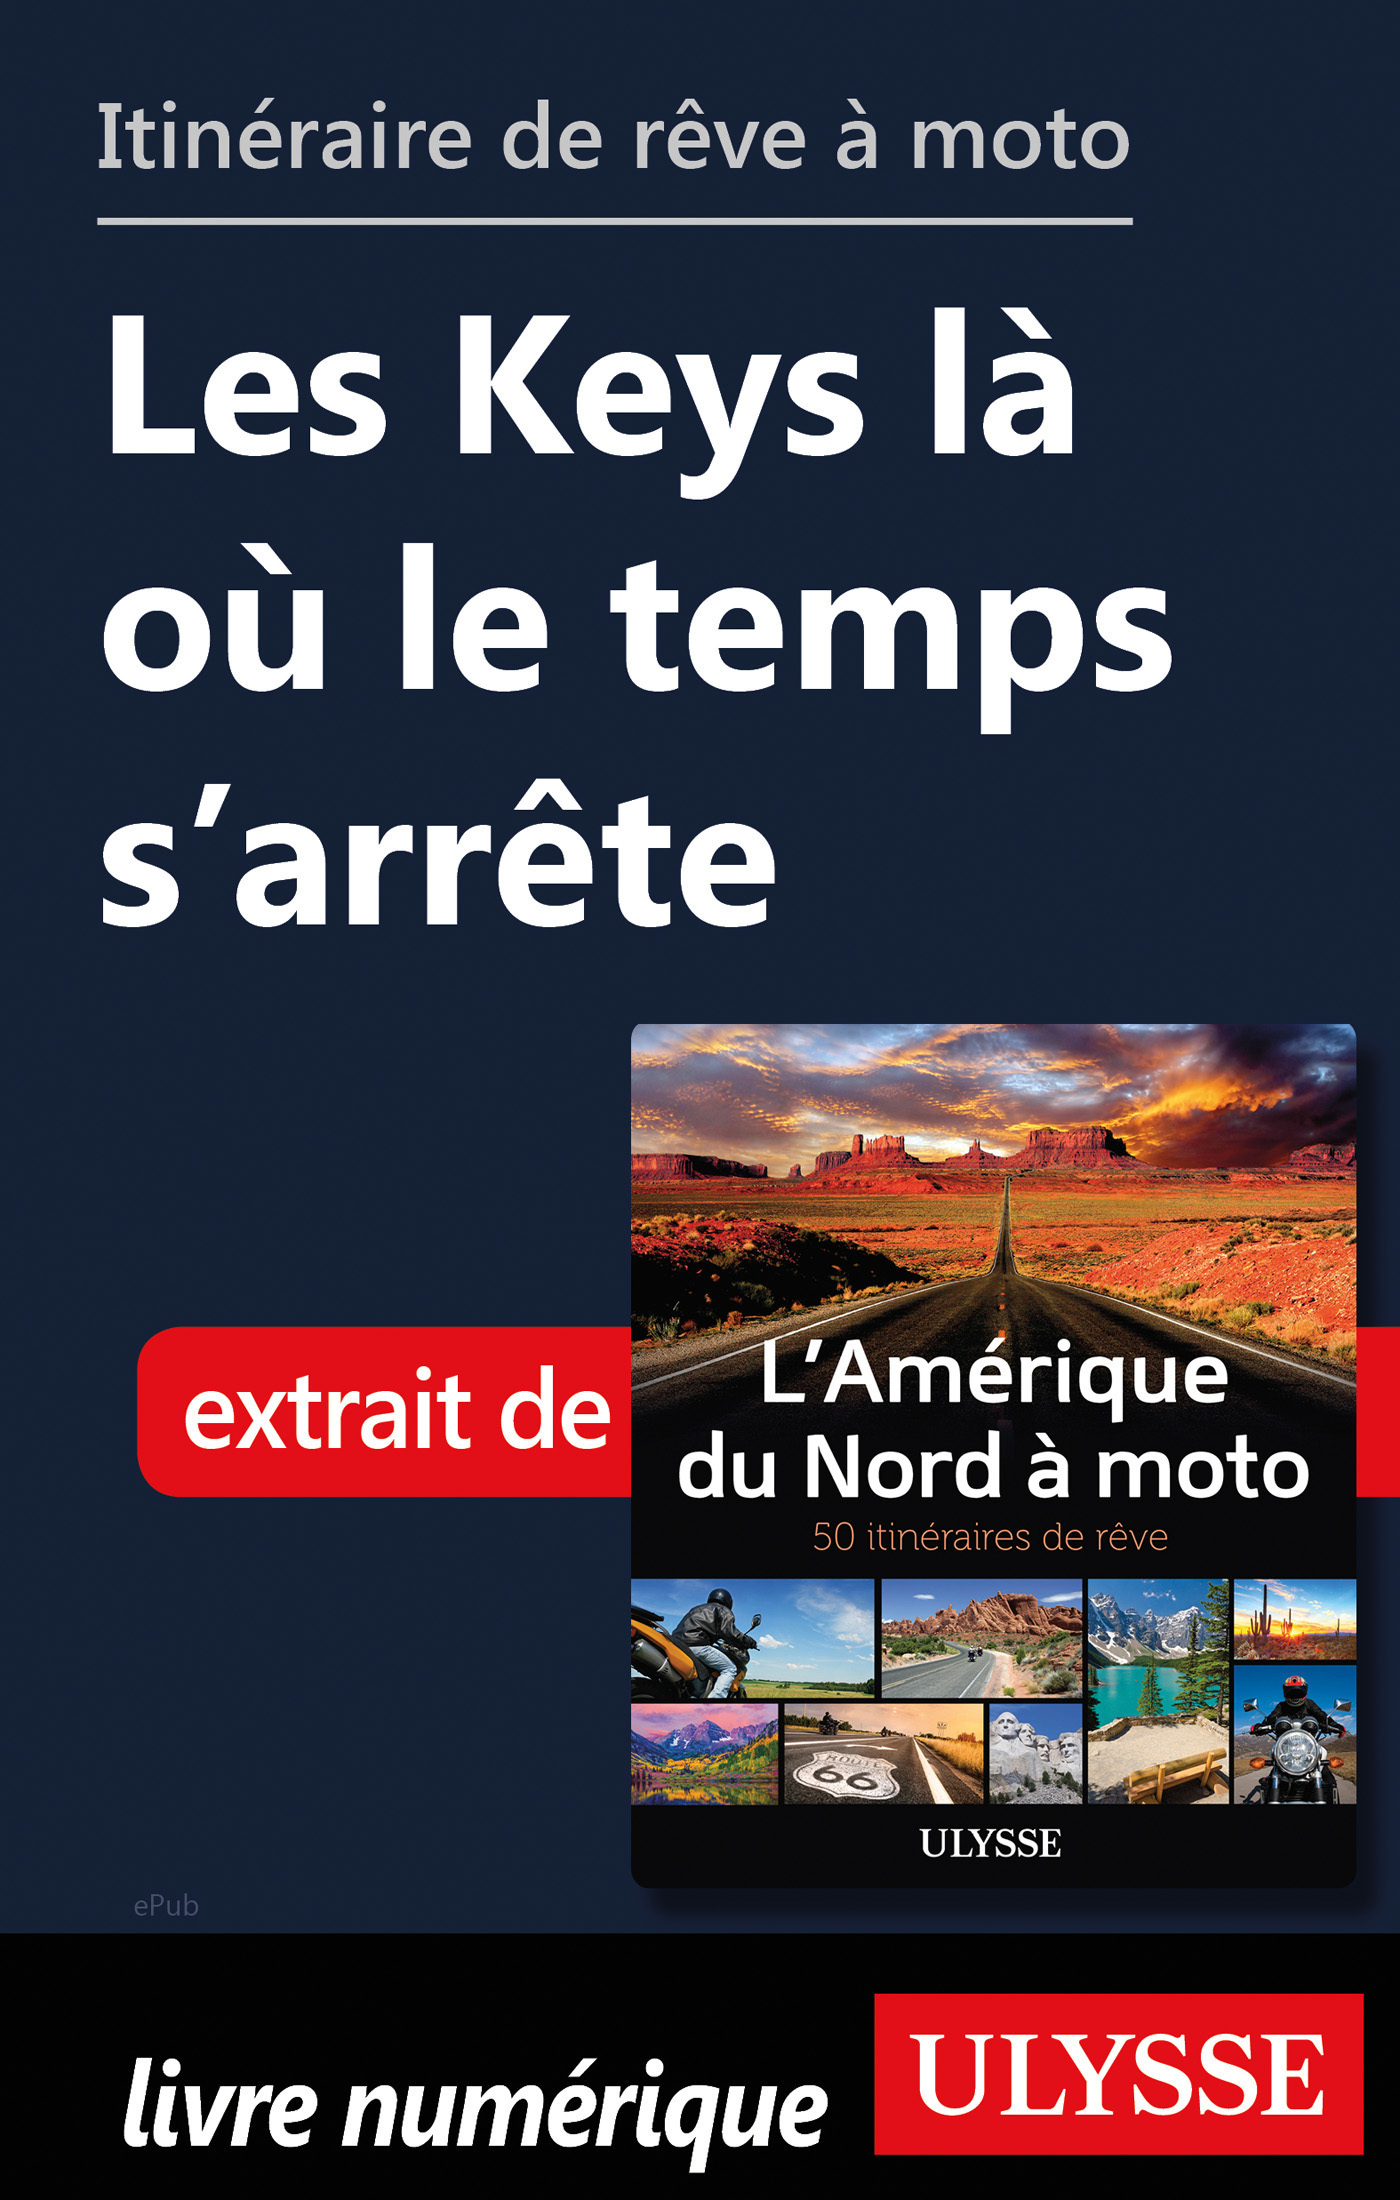 Itinéraire de rêve à moto - Les Keys là où le temps s'arrête